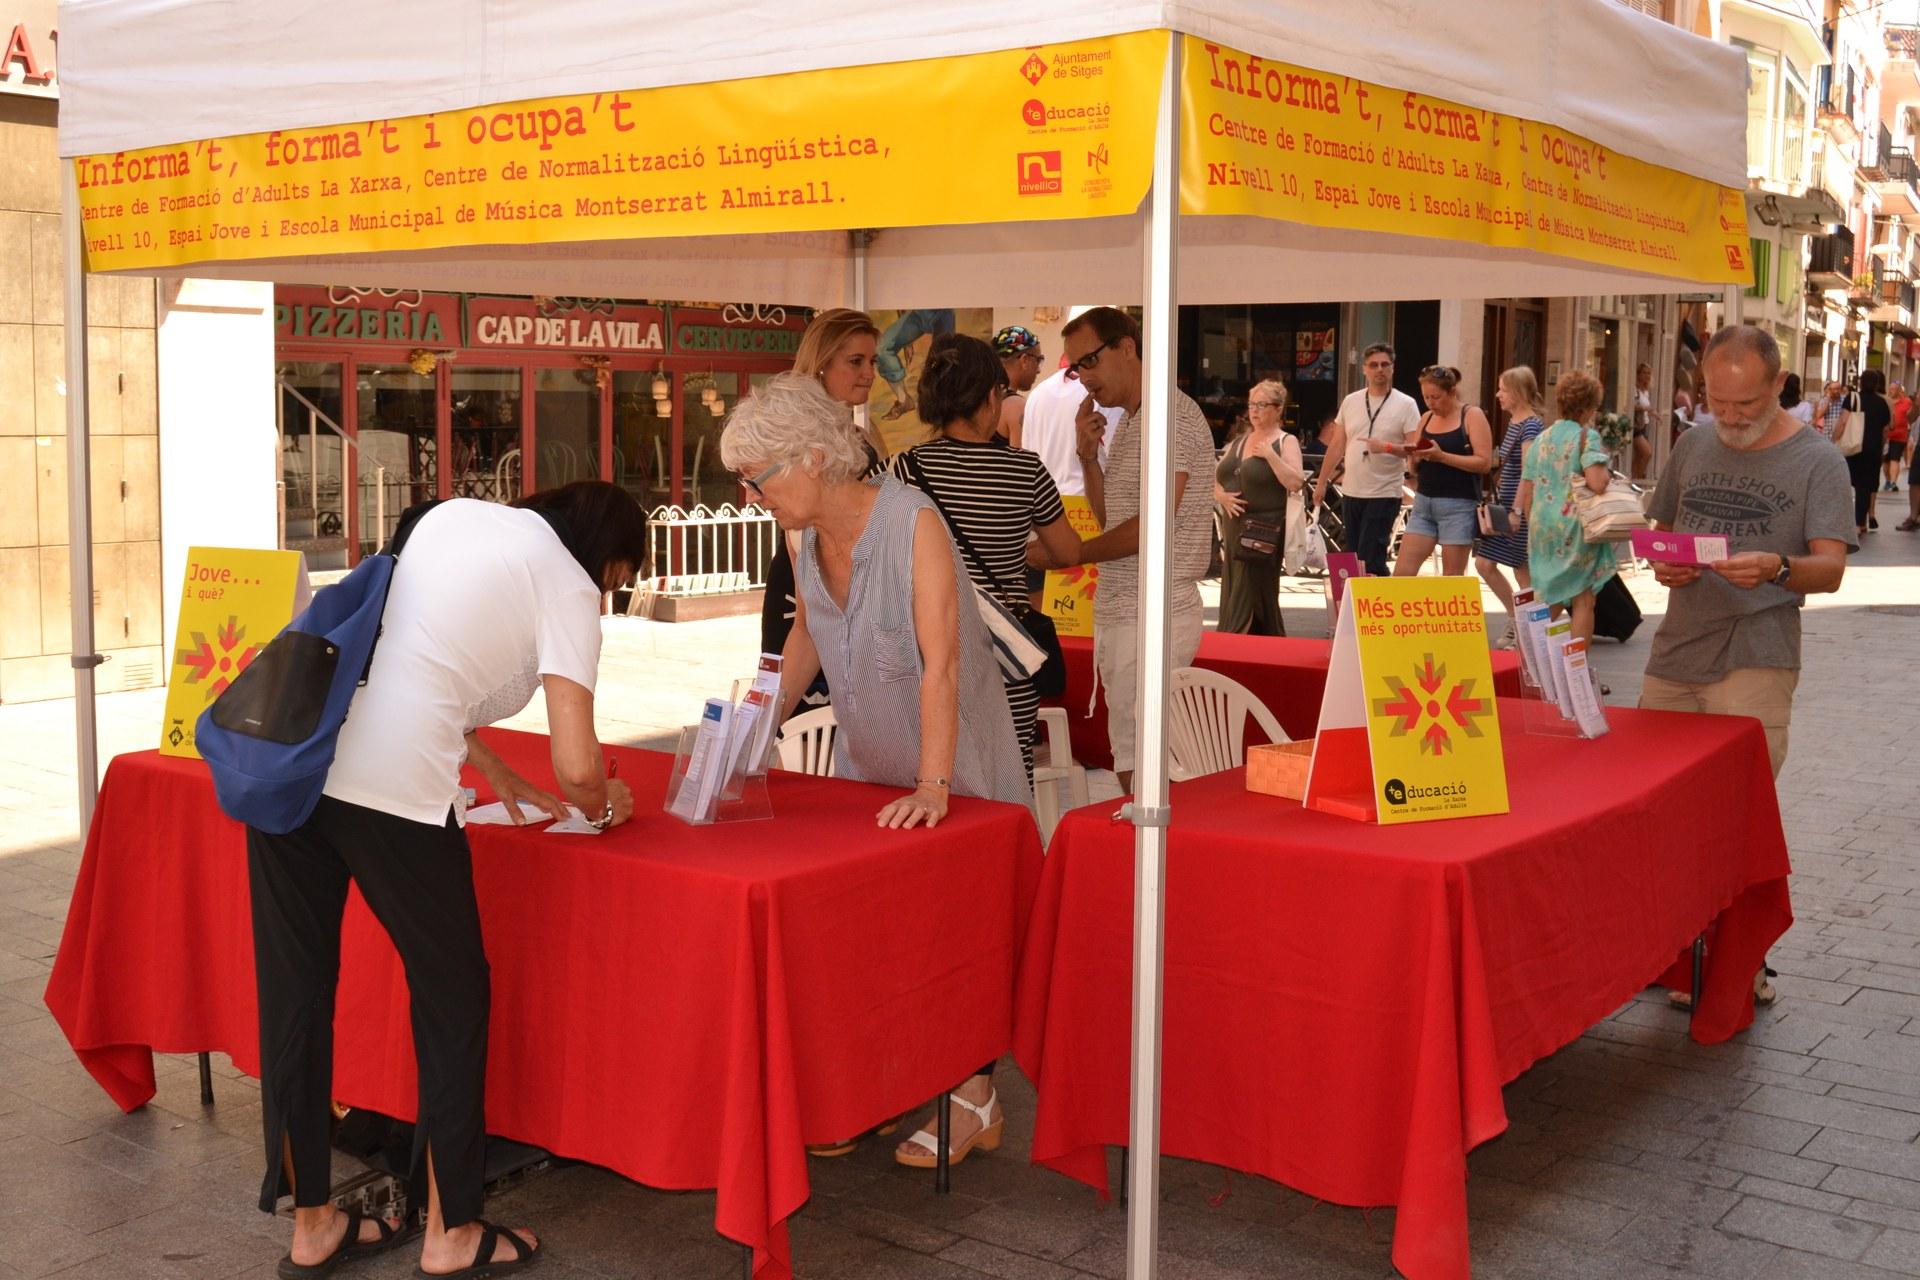 La fira Forma't i Informa't s'instal·larà els dies 5 i 6 des setembre al Cap de la Vila